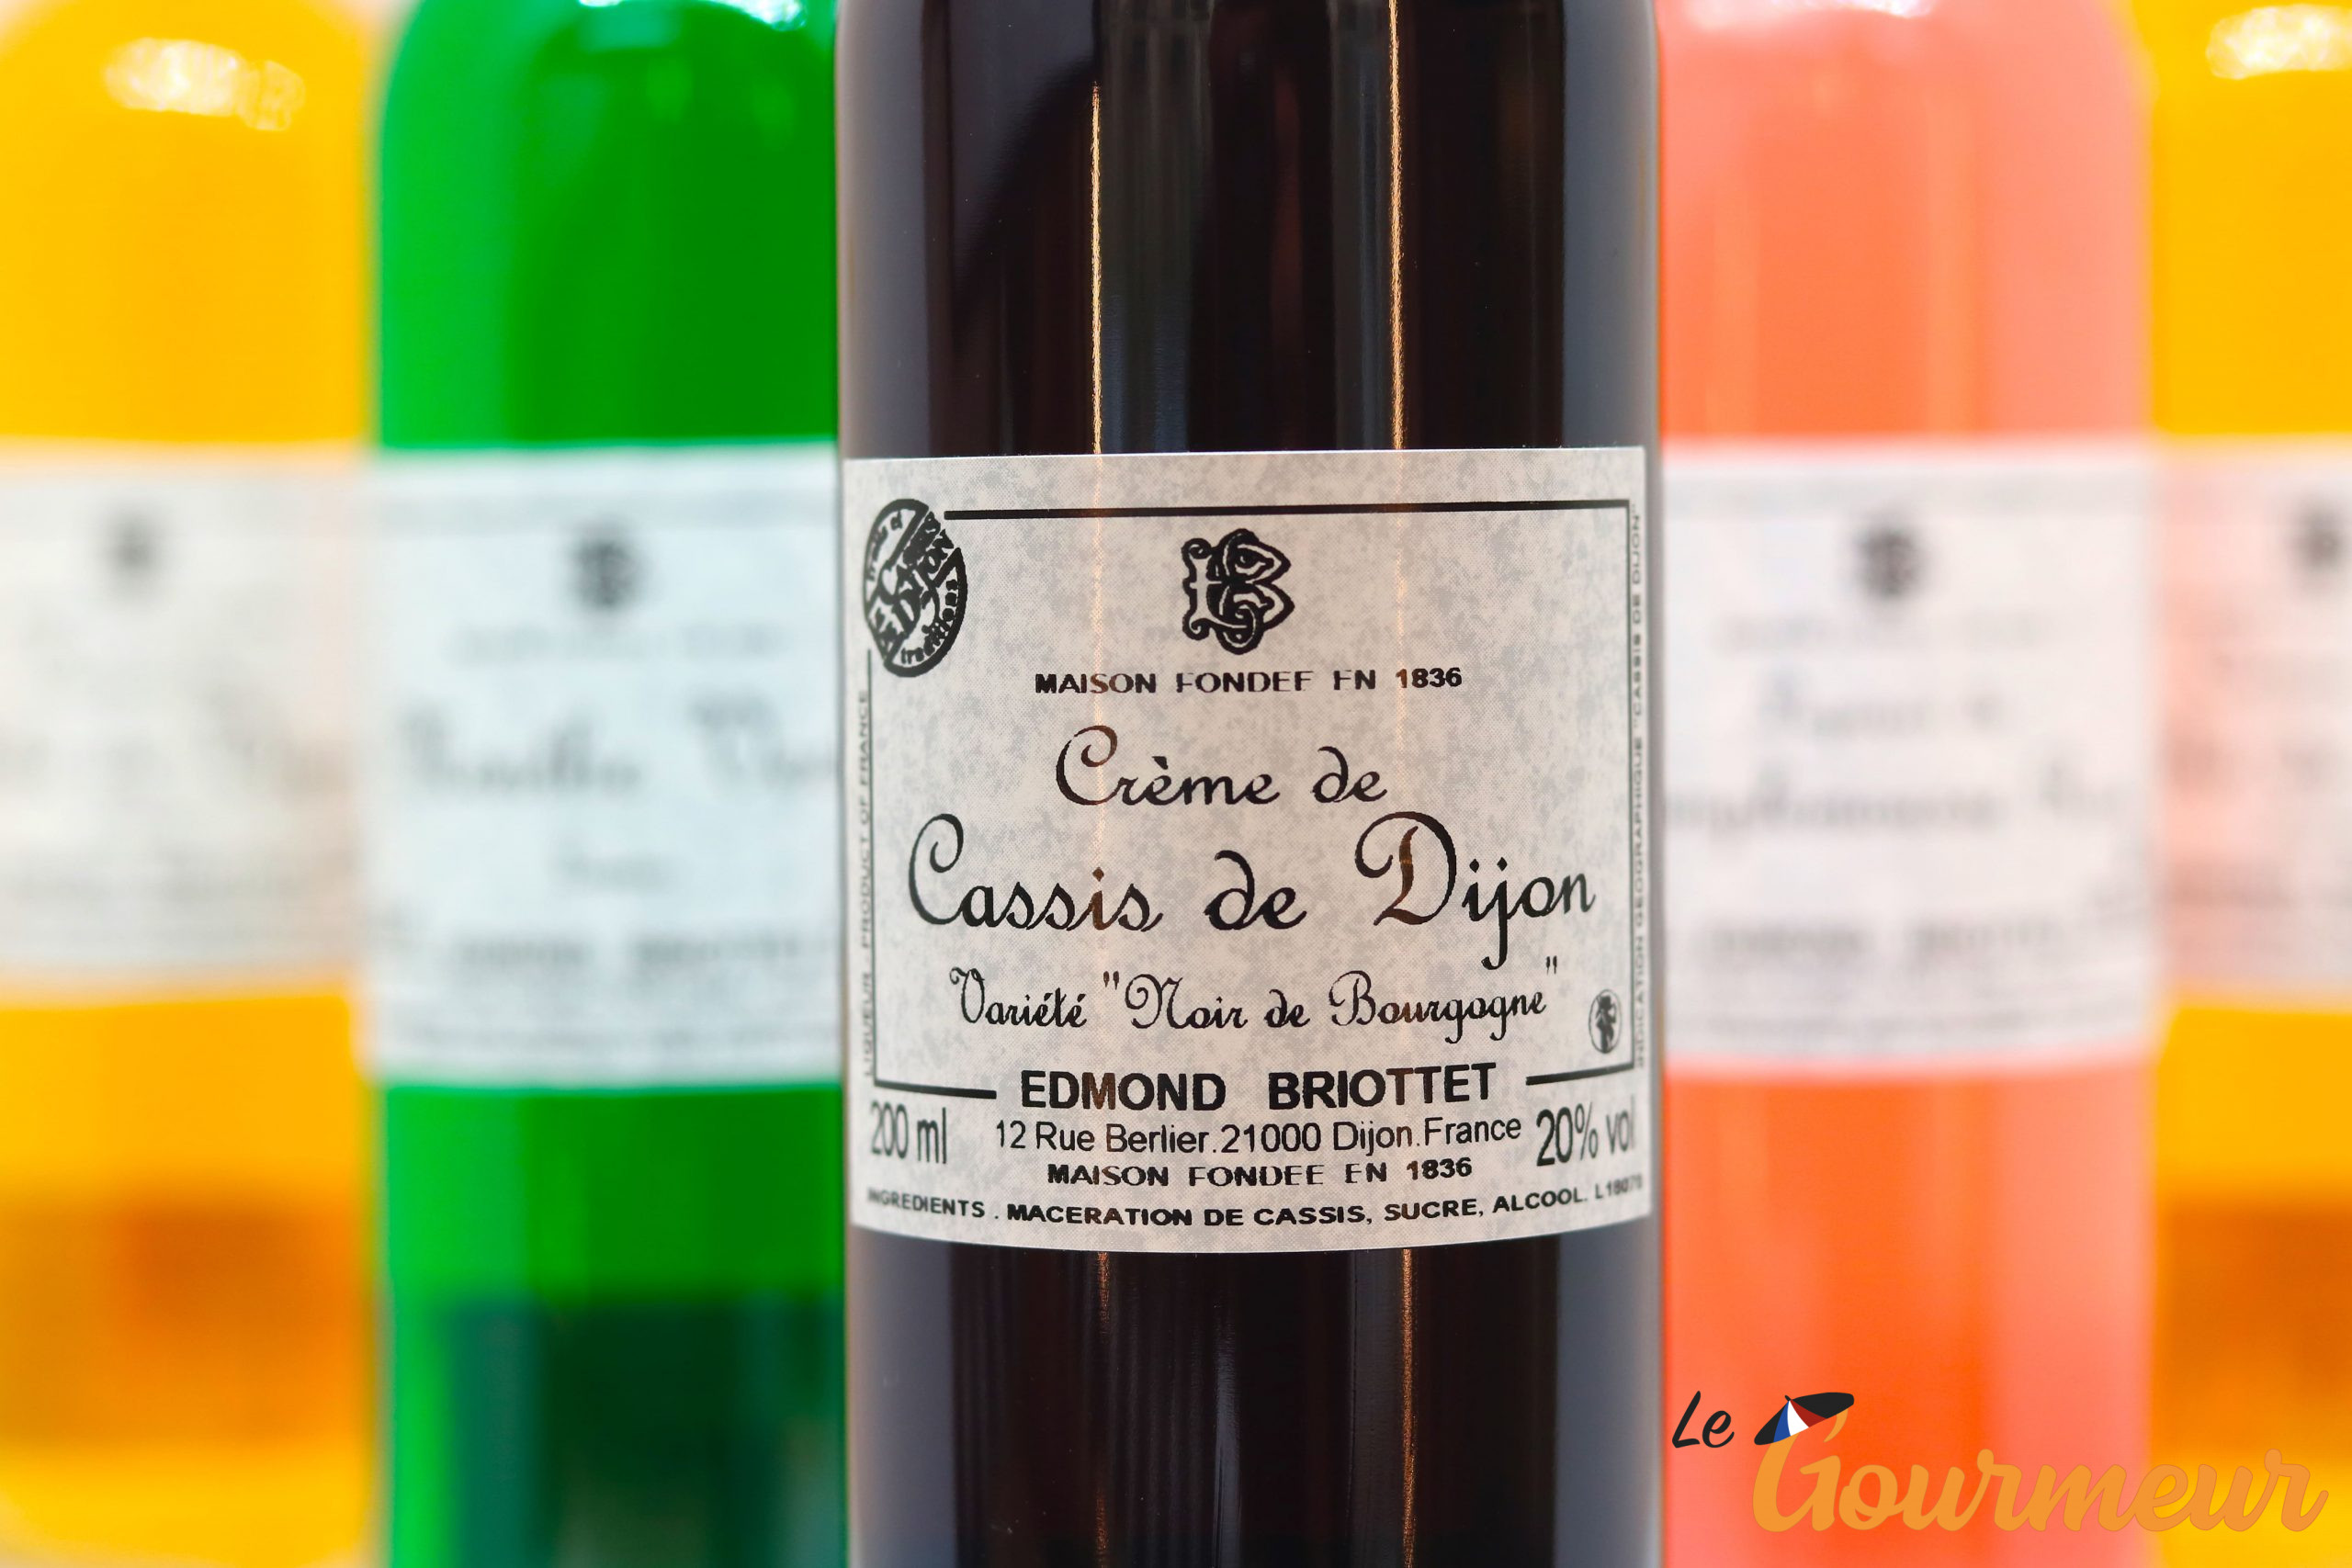 liqueur crème de cassis de Dijon IGP briottet